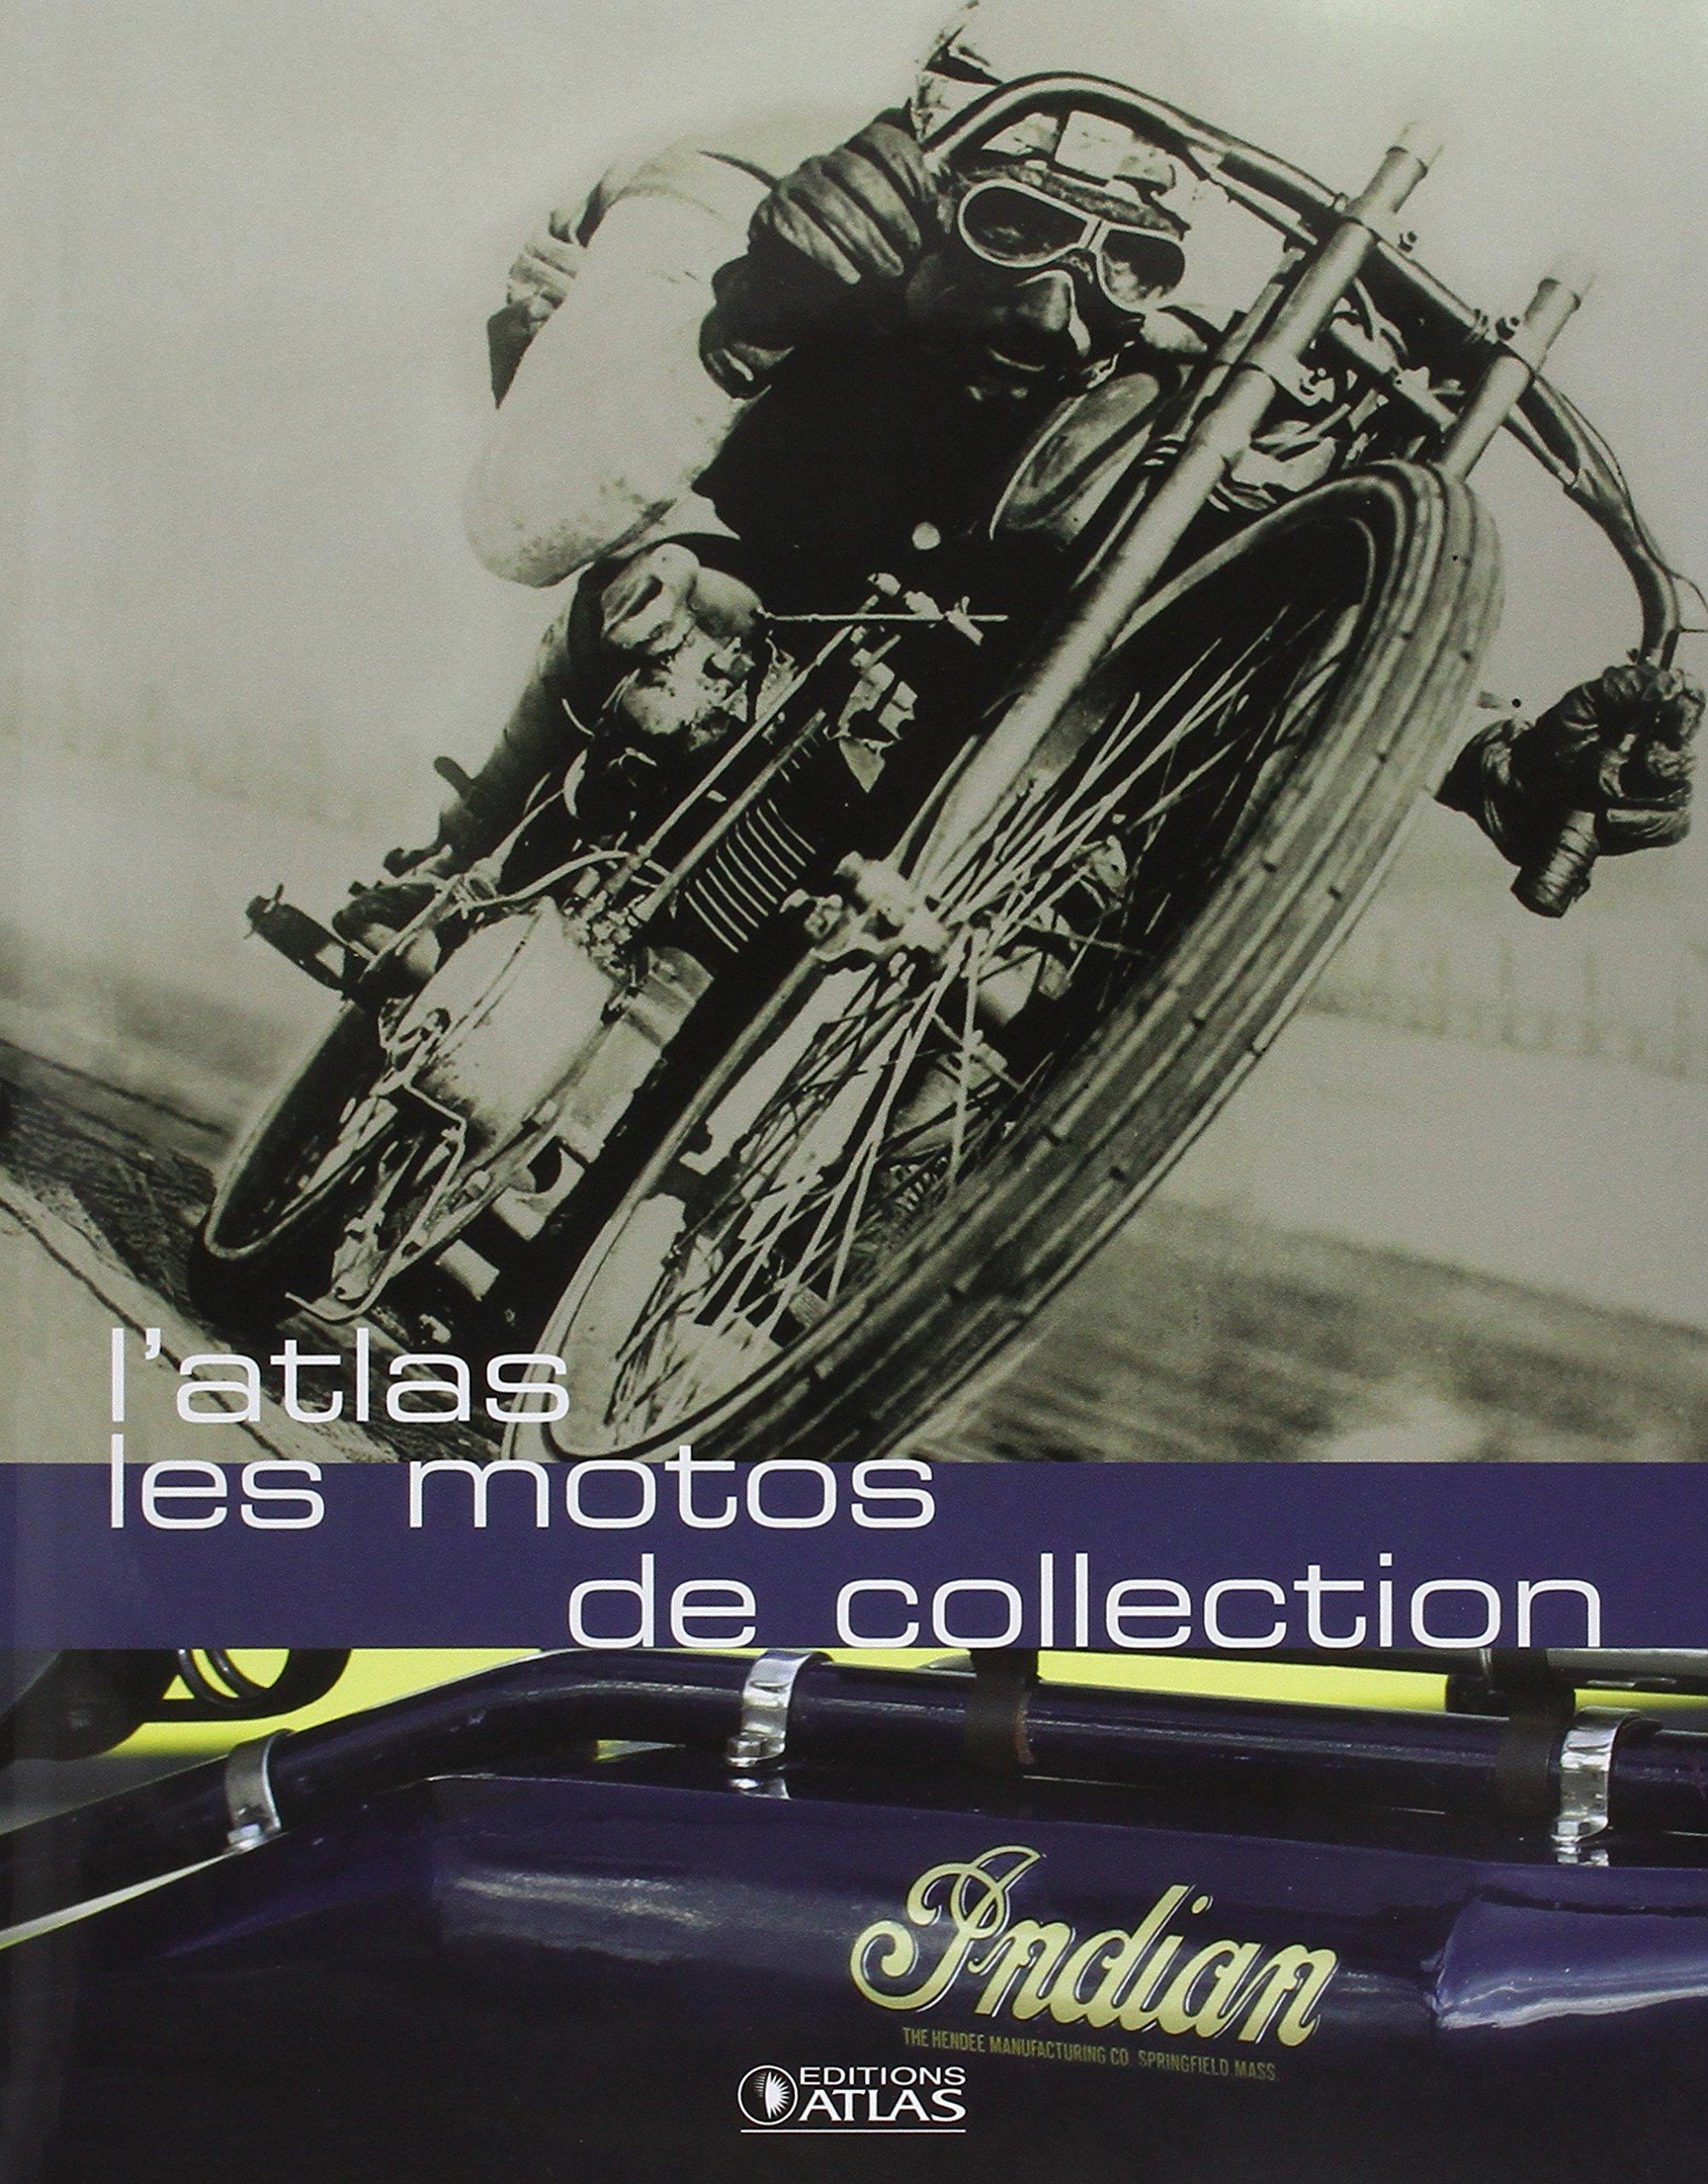 L'Atlas des motos de collection Relié – 2 juin 2004 Collectif 2723447596 TL2723447596 Motocyclettes